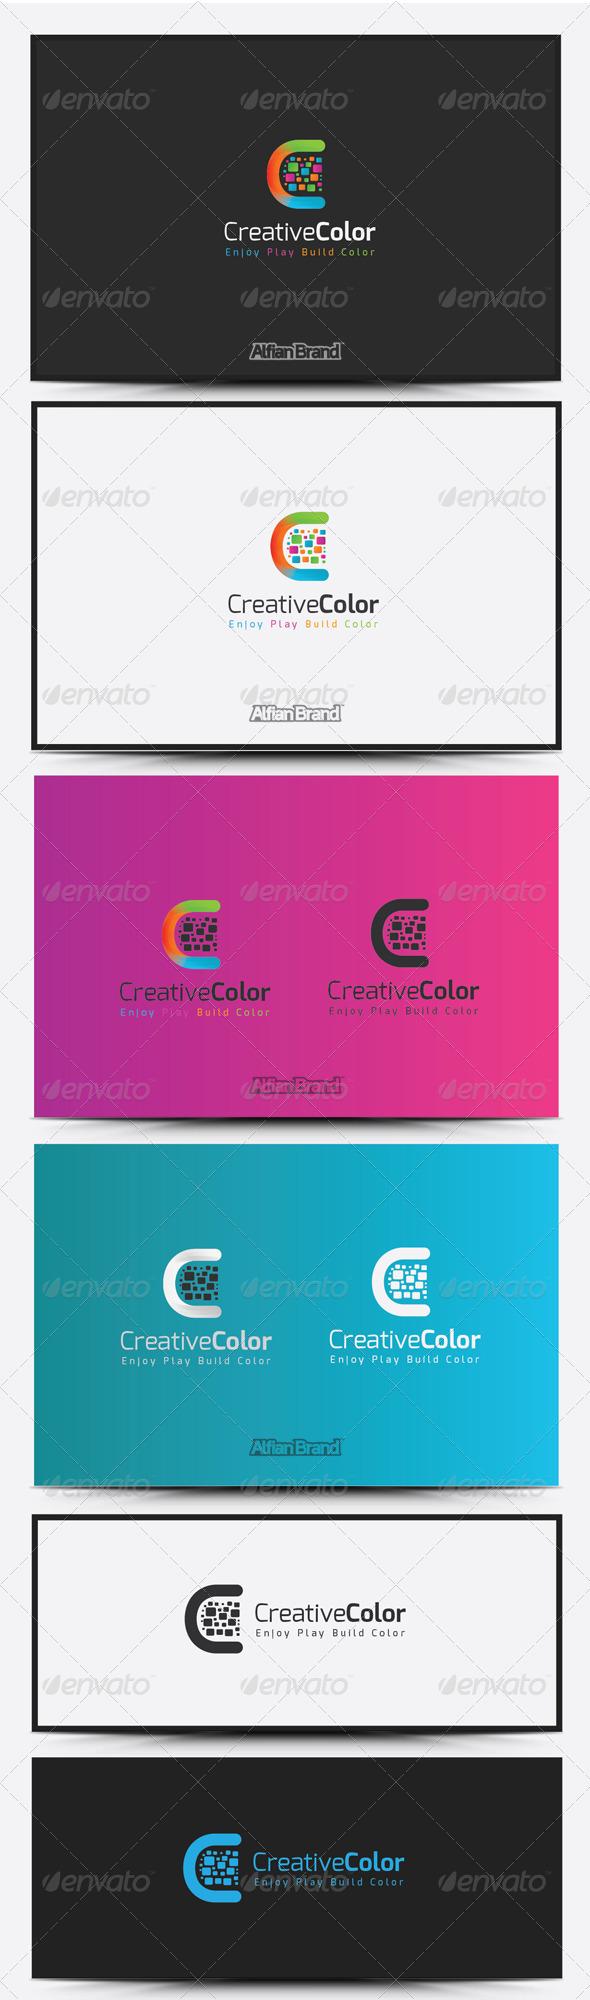 GraphicRiver Creative Color Logo 8516541